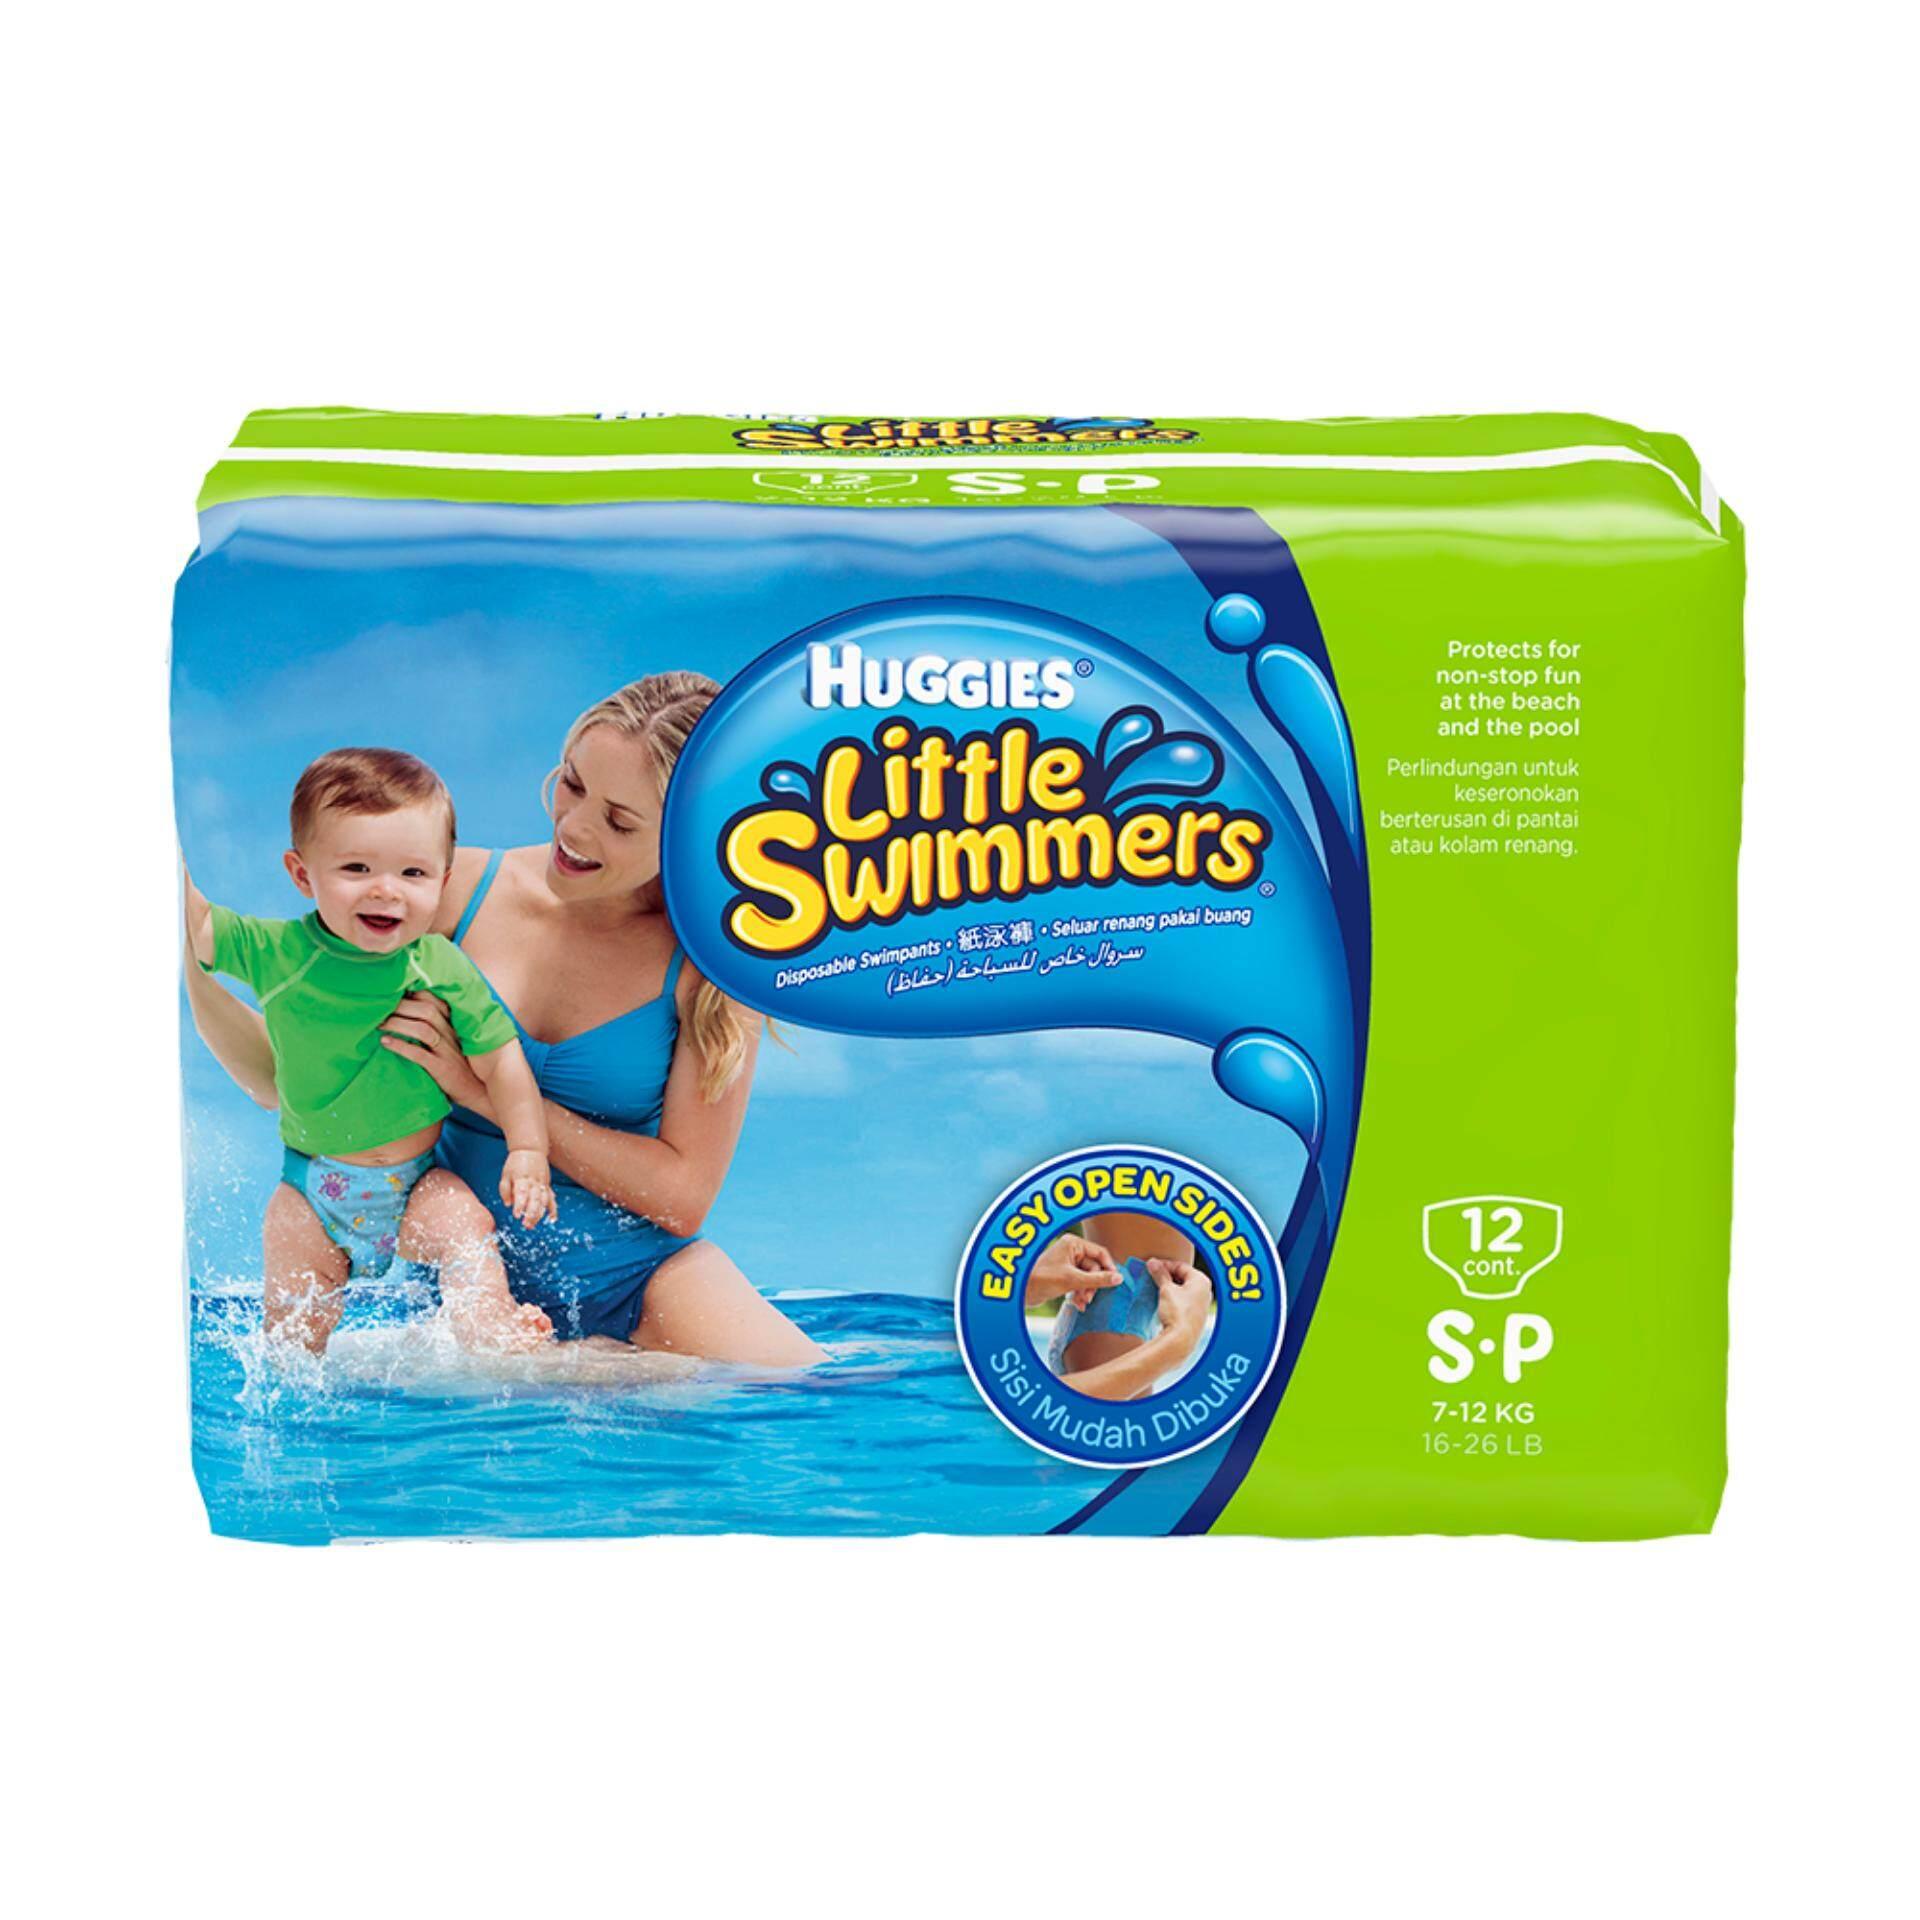 แนะนำ Huggies กางเกงผ้าอ้อมว่ายน้ำ Little Swimmers Size S